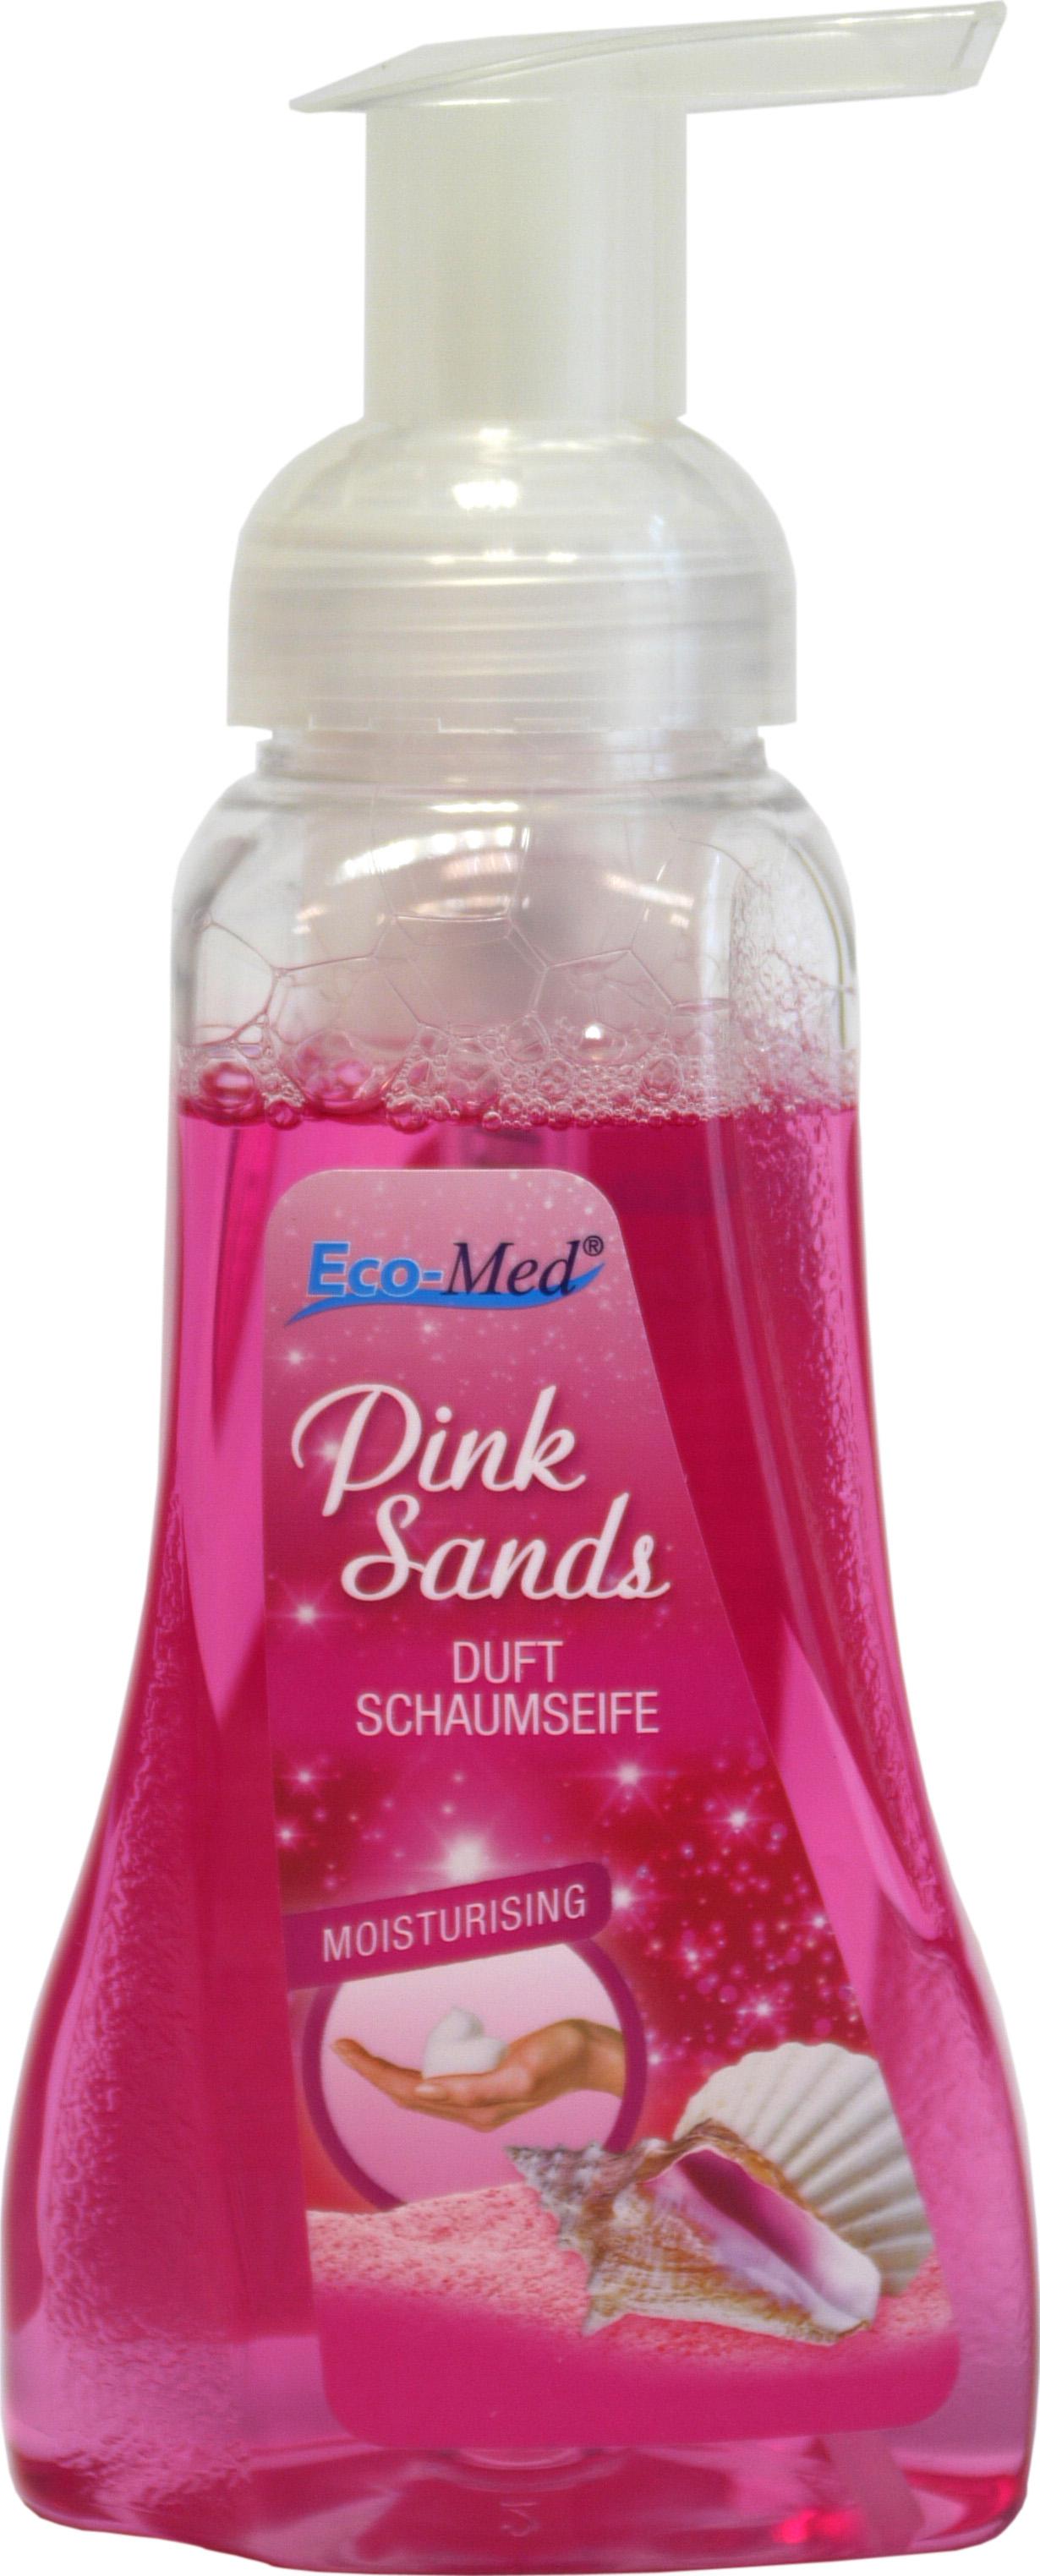 01611 - Eco-Med Schaumseife 300 ml, Pink Sands